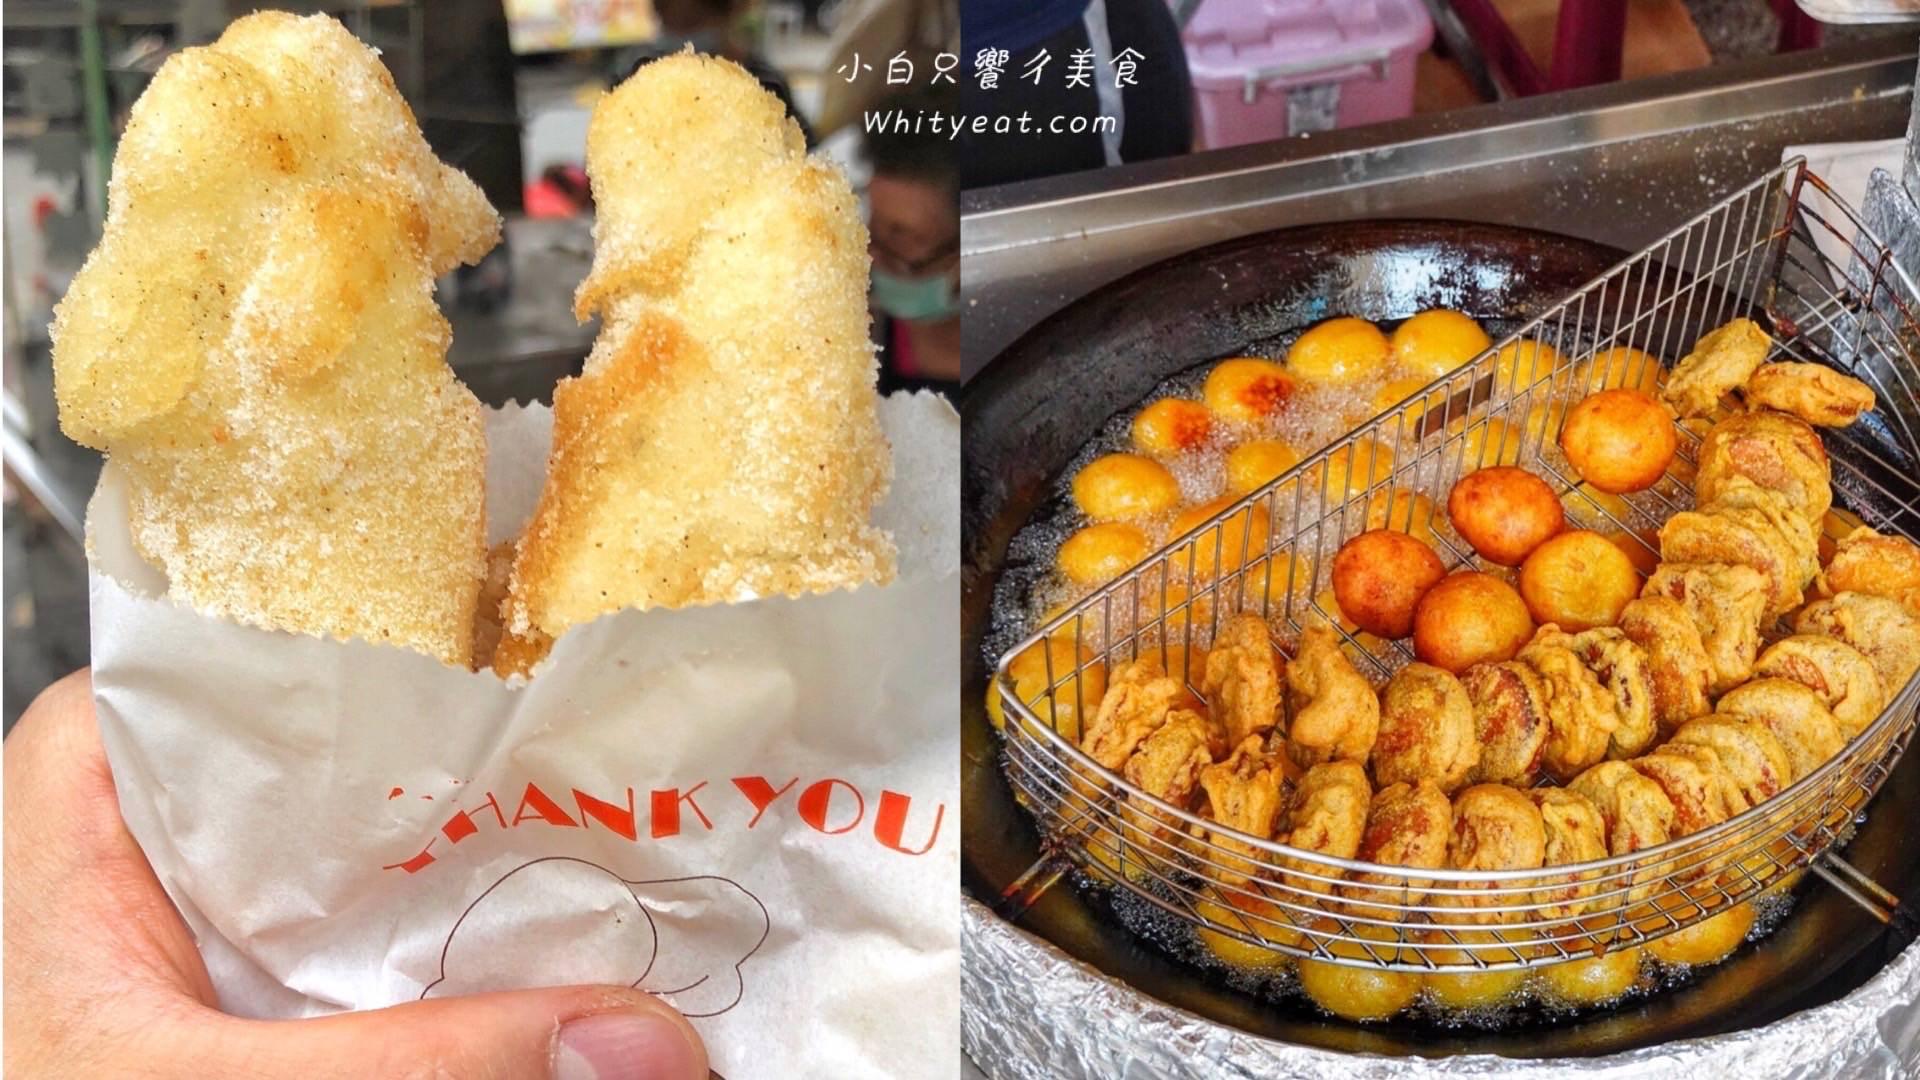 【台南美食】 林家白糖粿 在地人都吃這家白糖粿 任選三個25元!60年古早味小吃 國華街必吃美食